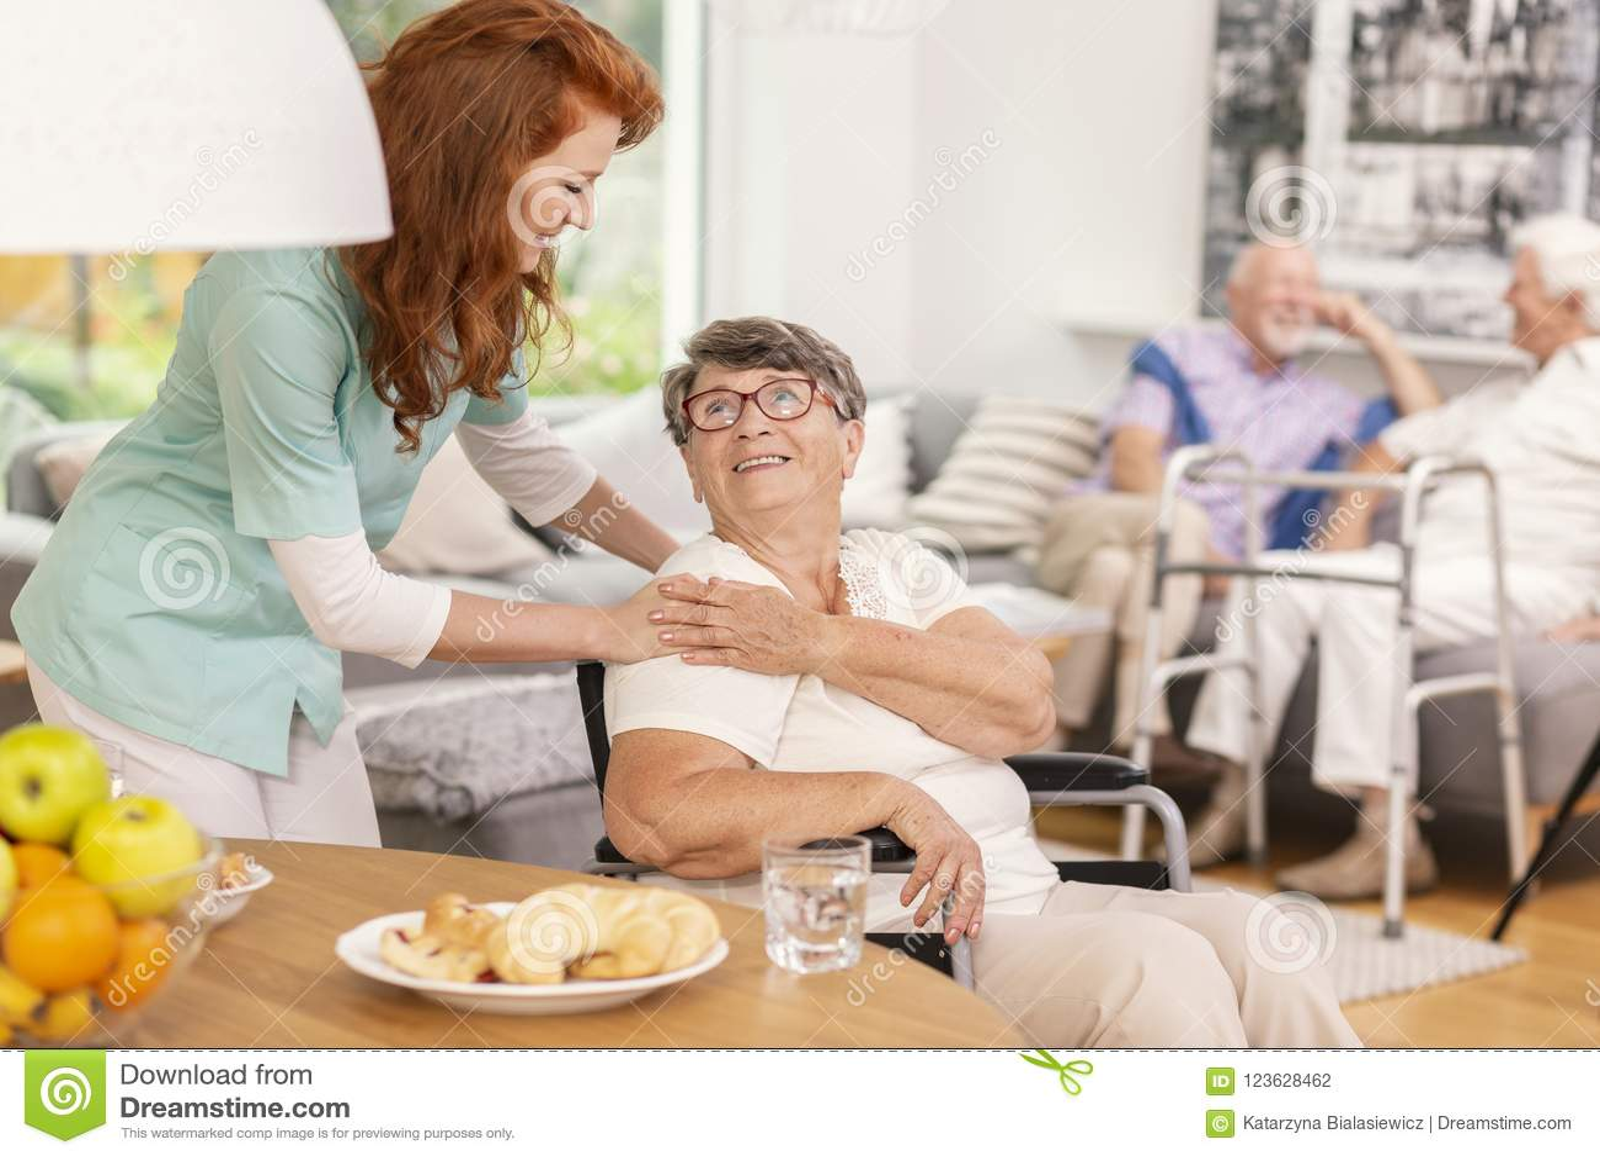 Vriendschappelijke verpleegsters ondersteunende glimlachende hogere vrouw in verzorgingshuis